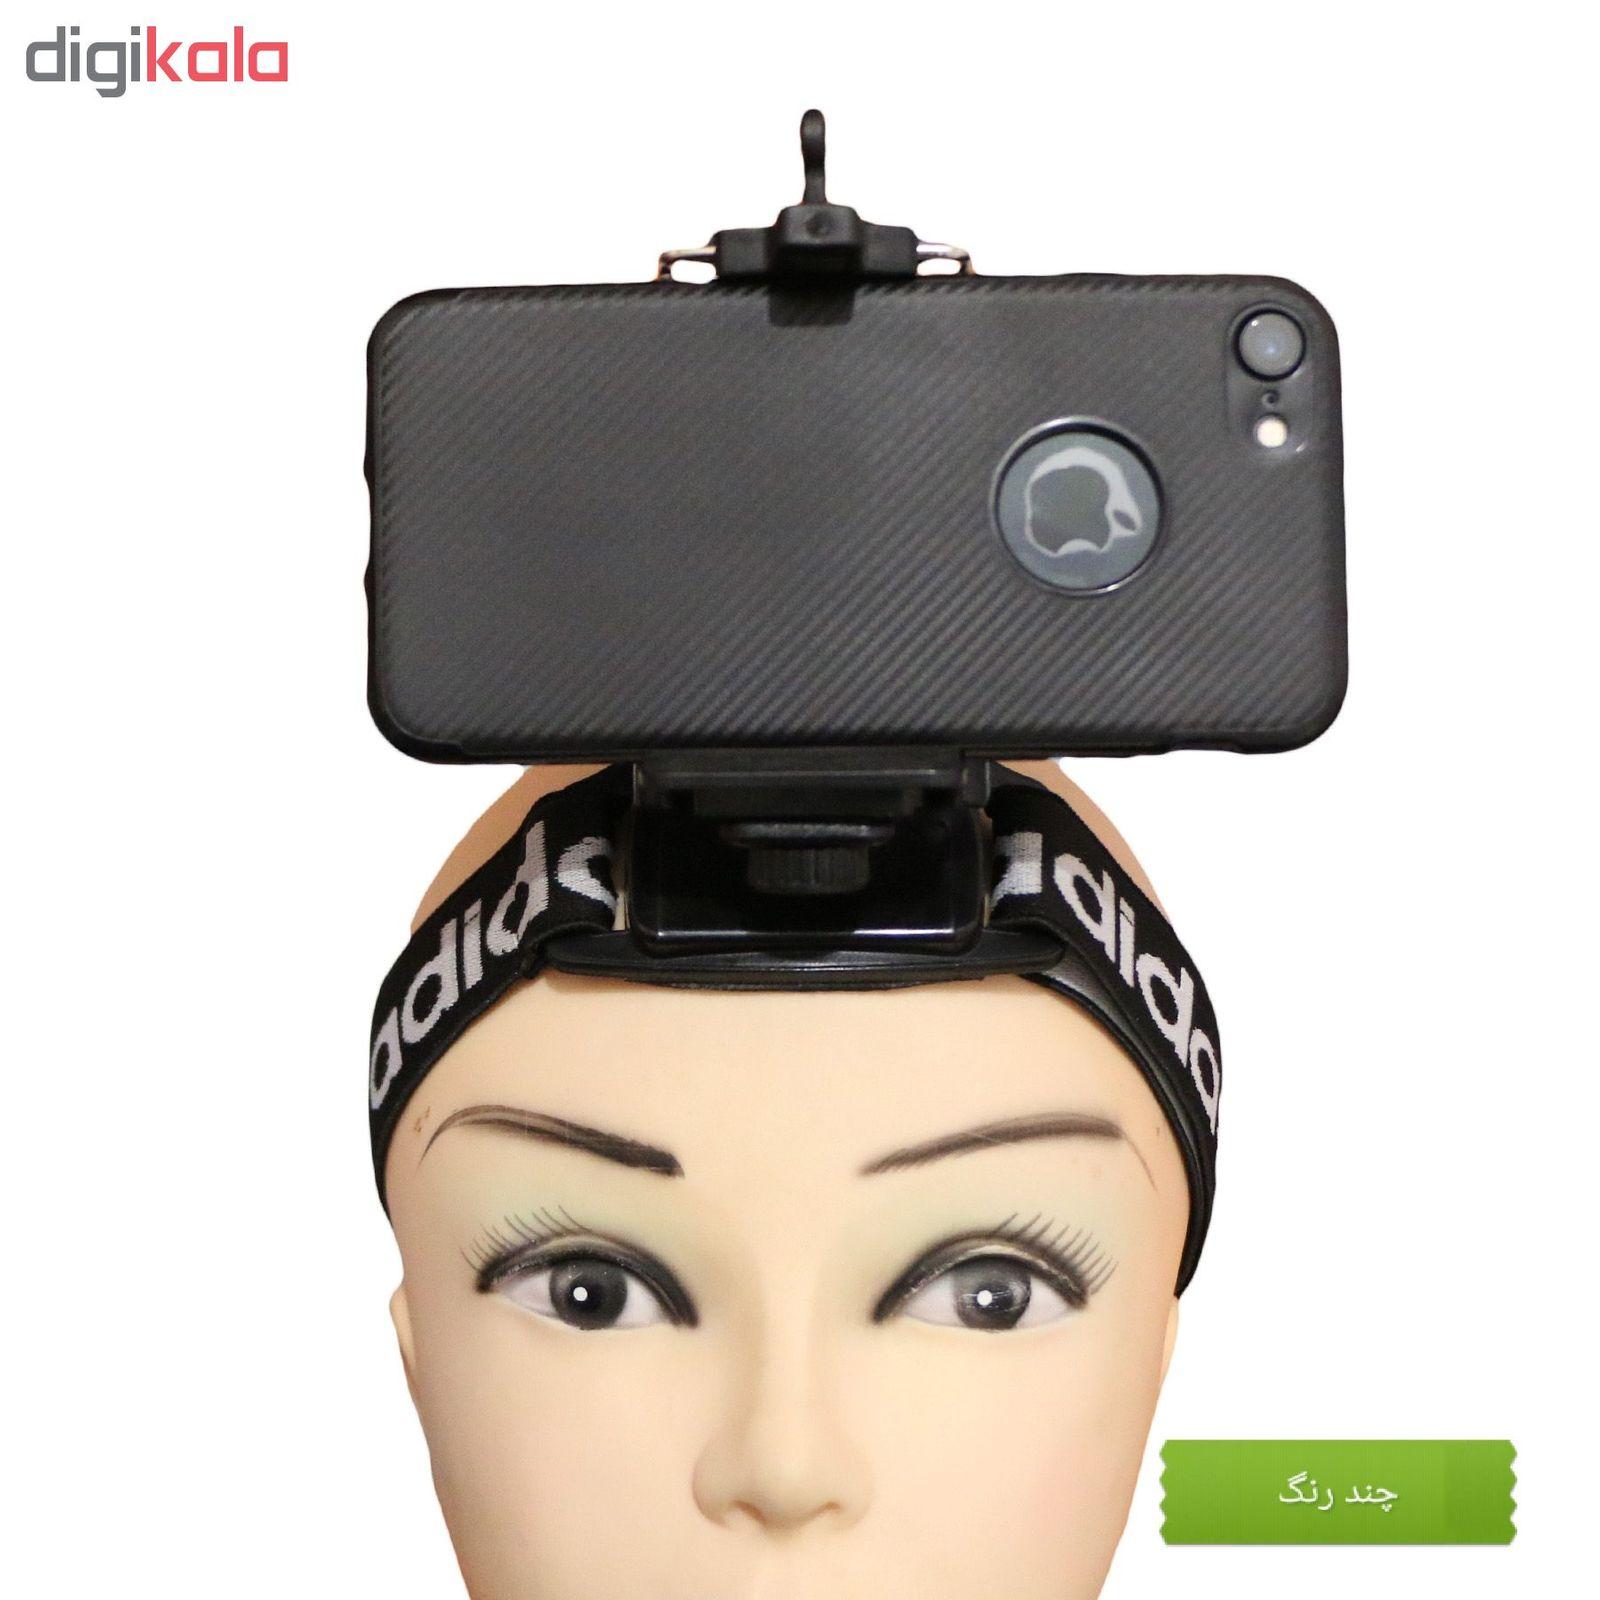 سر بند نگهدارنده گوشی موبایل نیو ویژن main 1 13